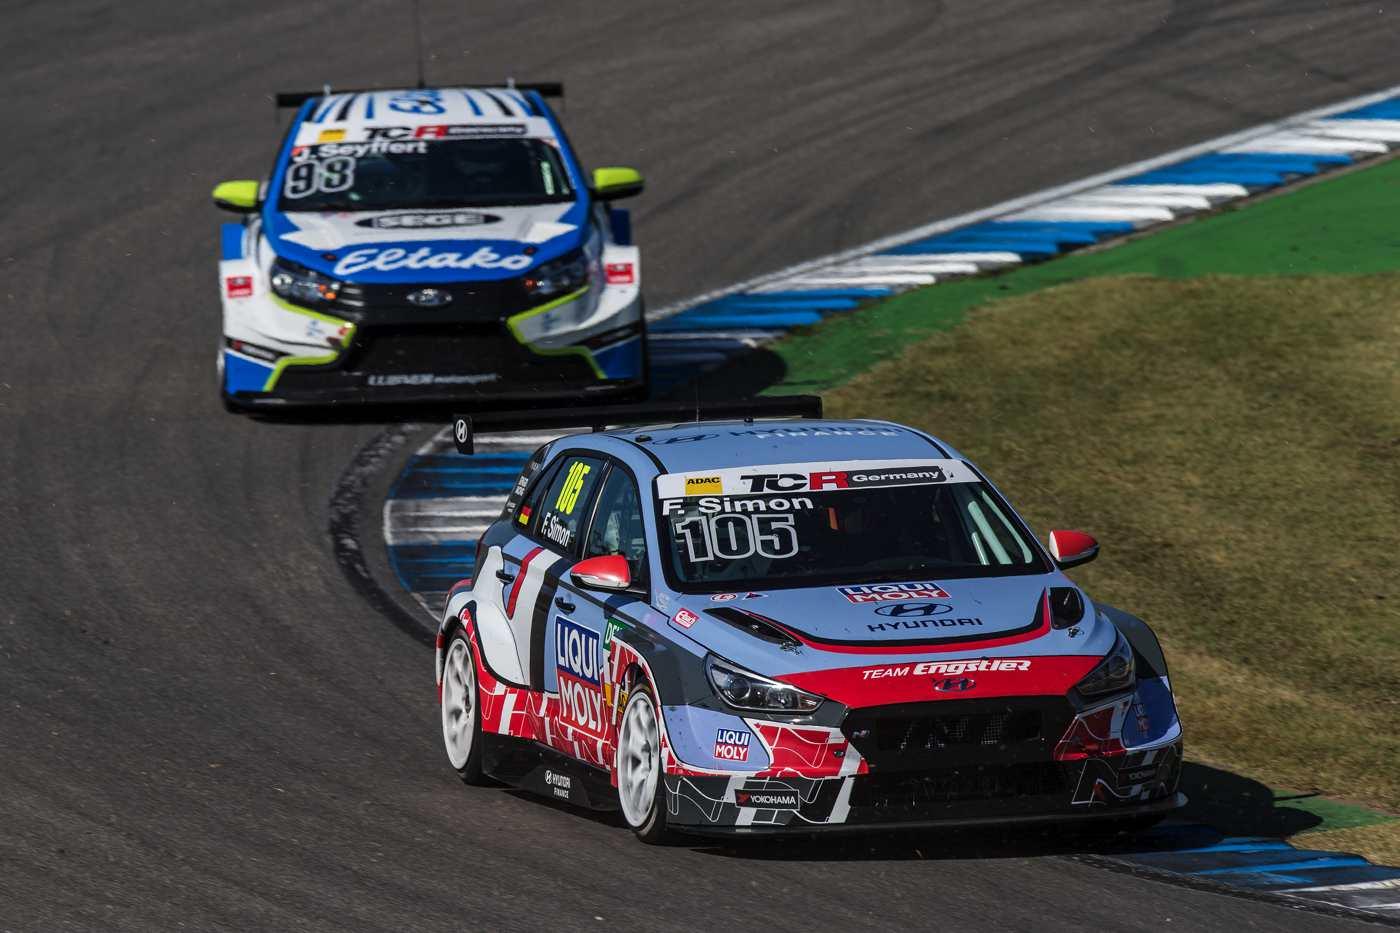 Hyundai Team Engstler führt auch die Teamwertung an